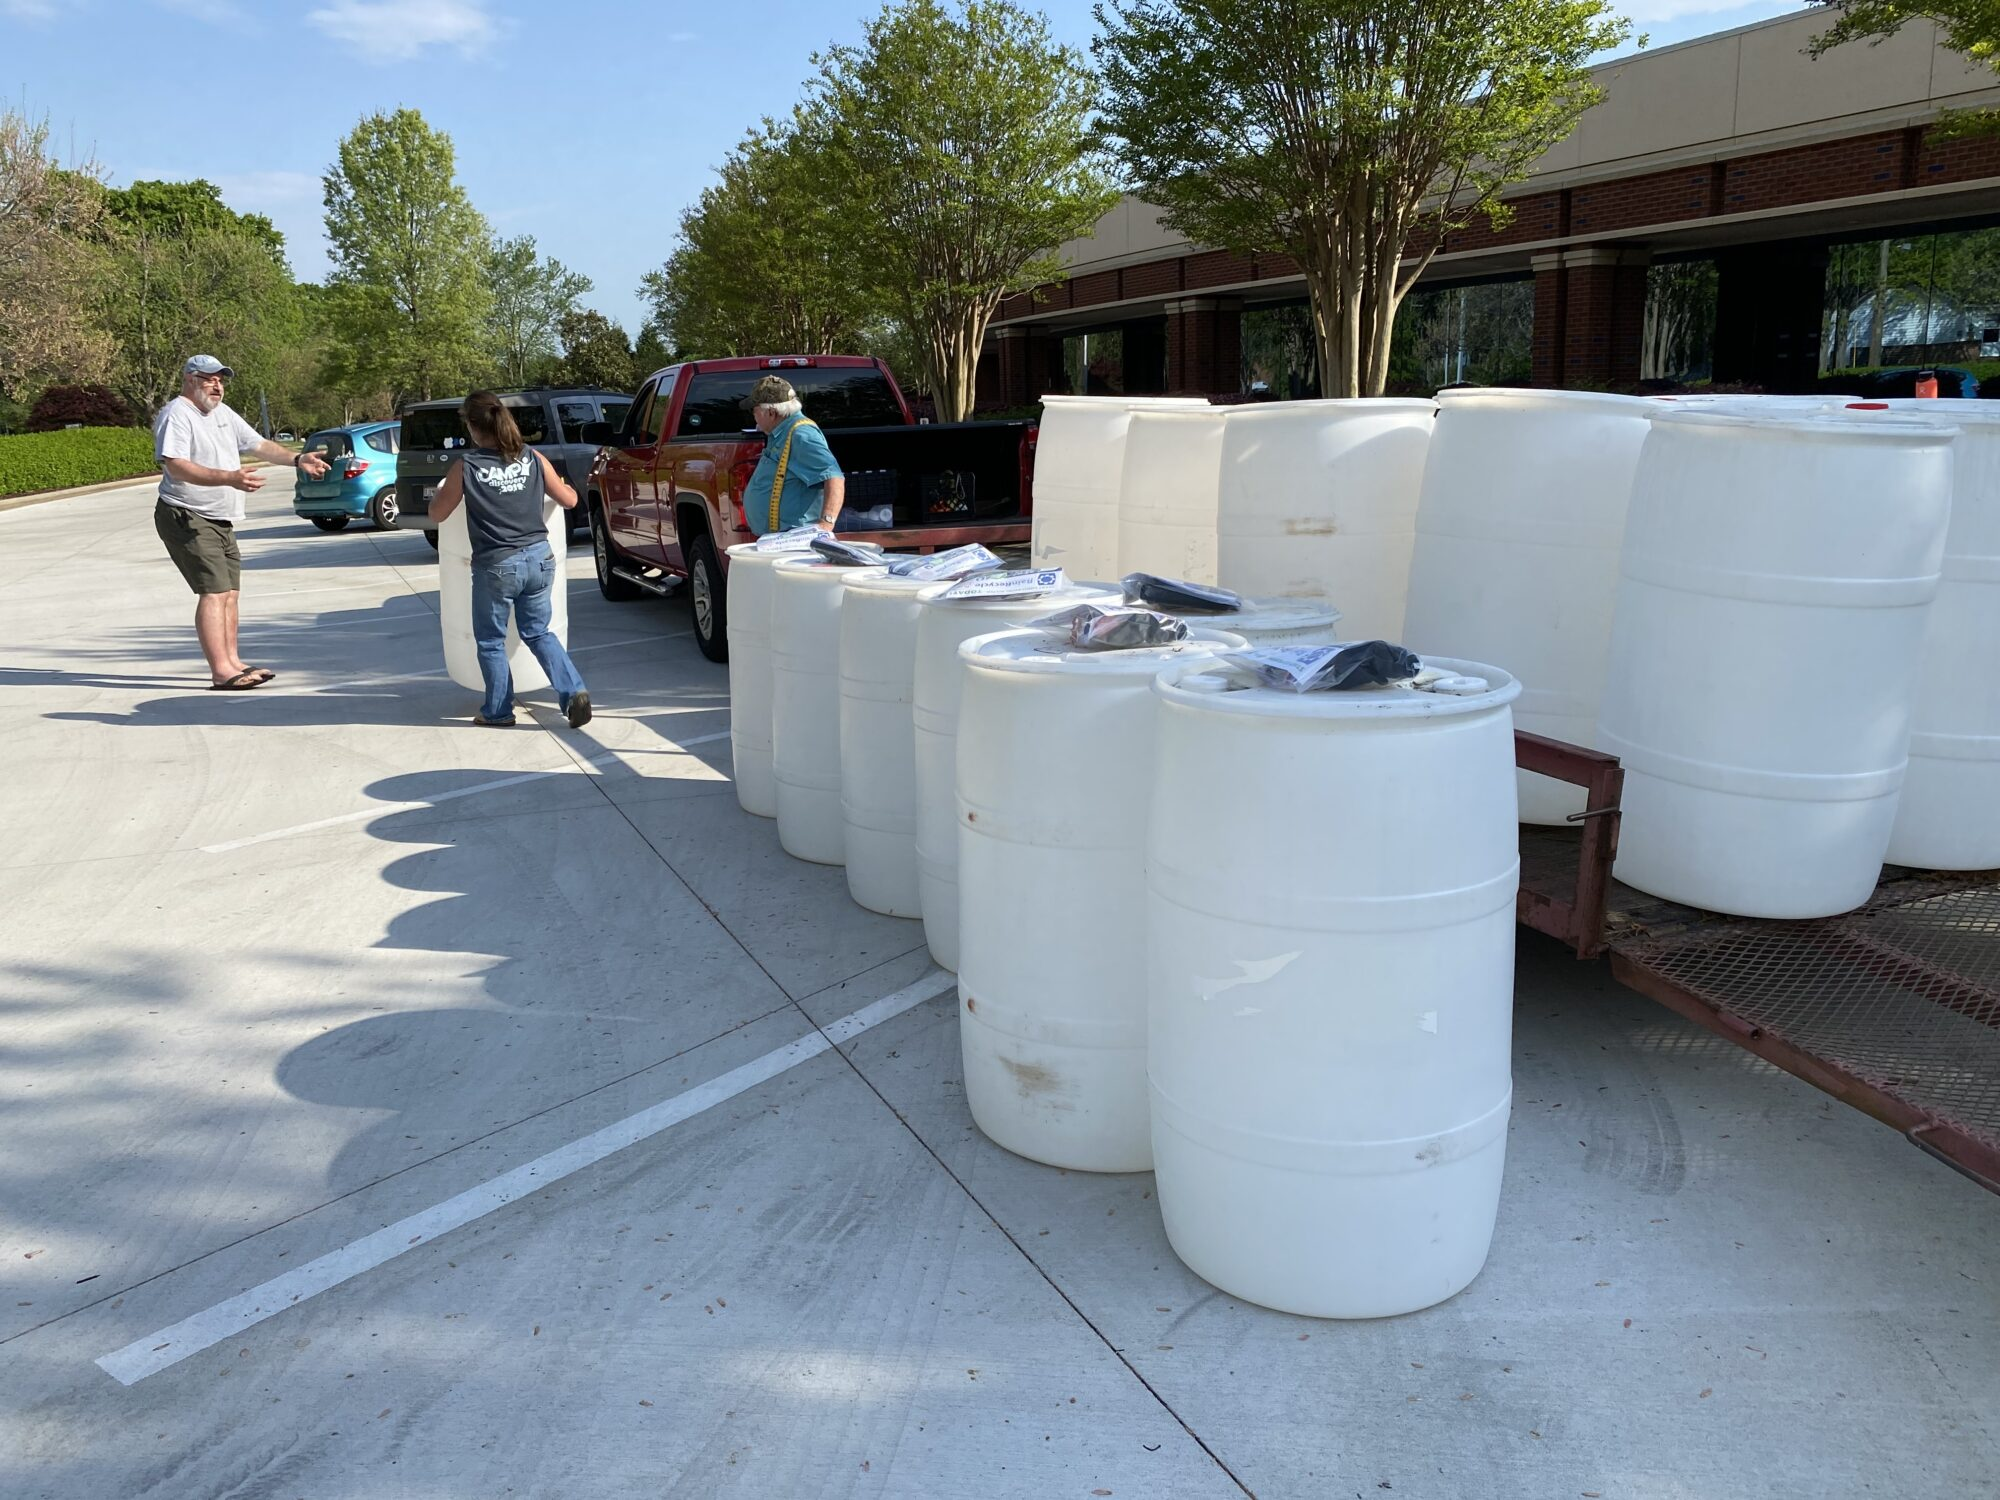 Rain Barrel Workshop & Pickup Scheduled for September 21